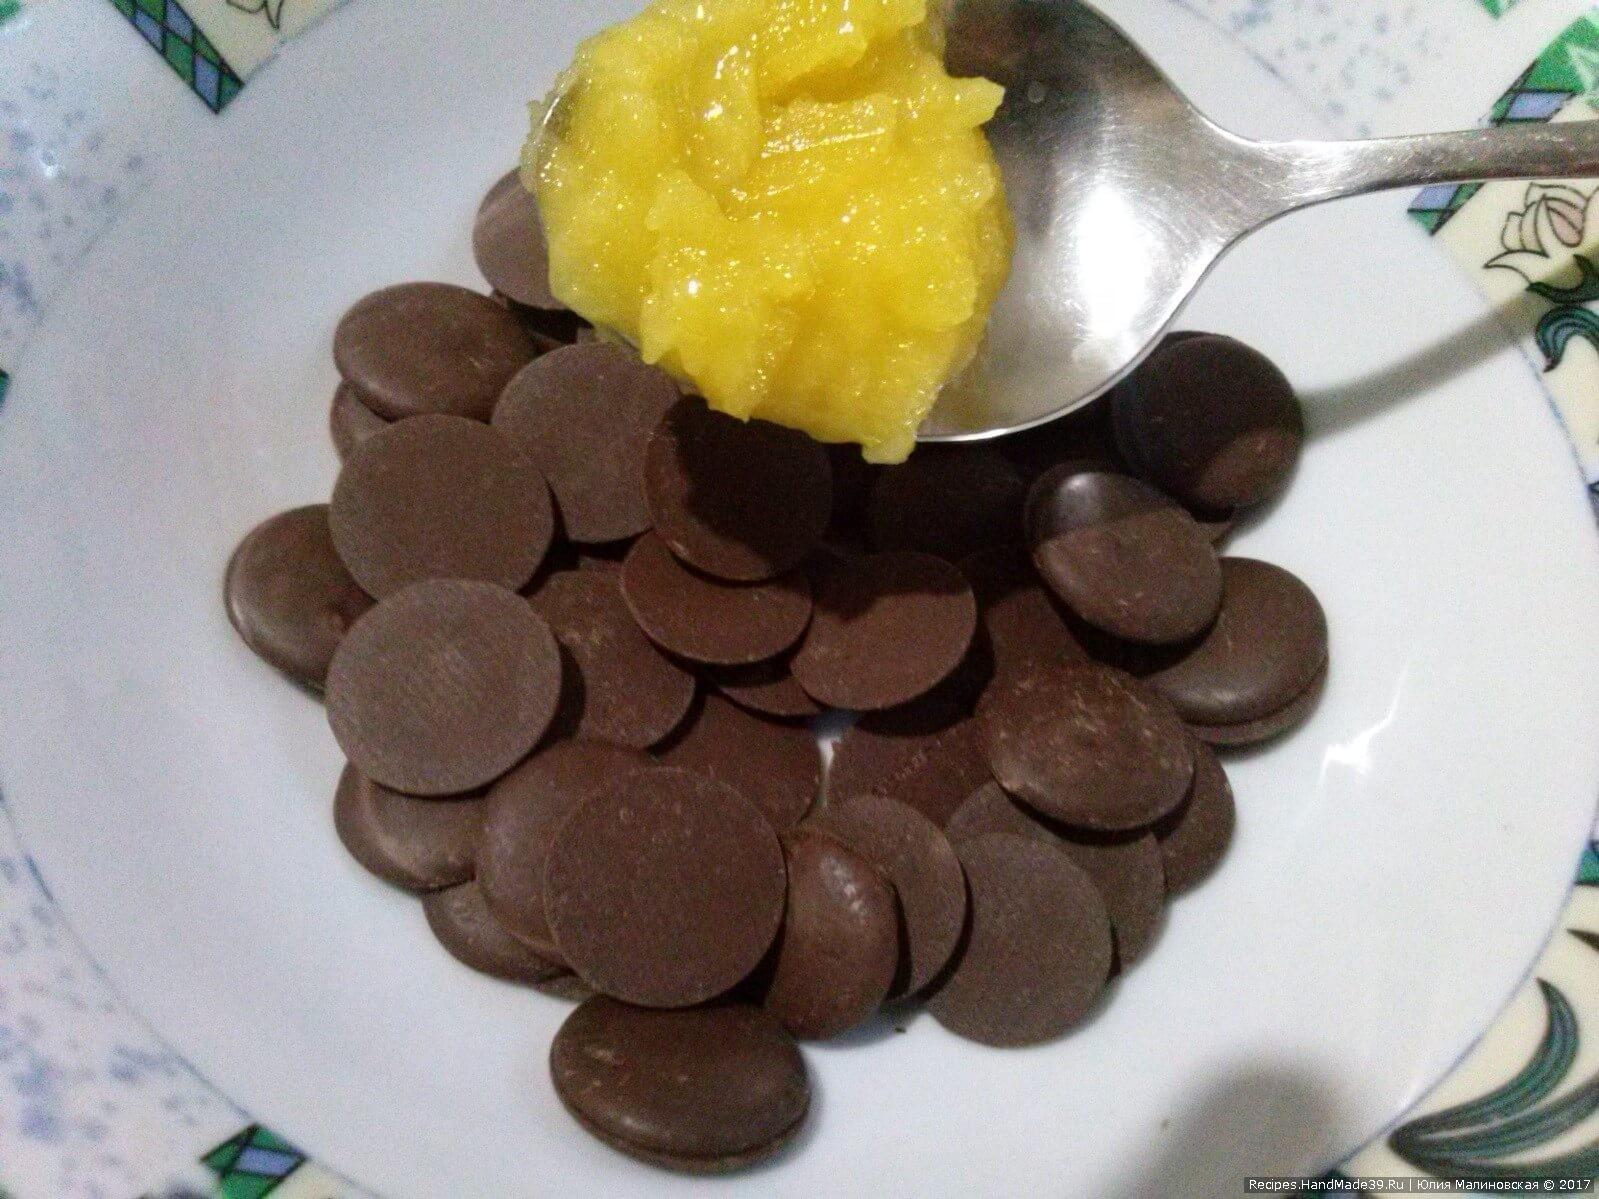 Приготовление плодов каштана для конфет: шоколад растопить на водяной бане, добавить мёд и хорошо всё размешать